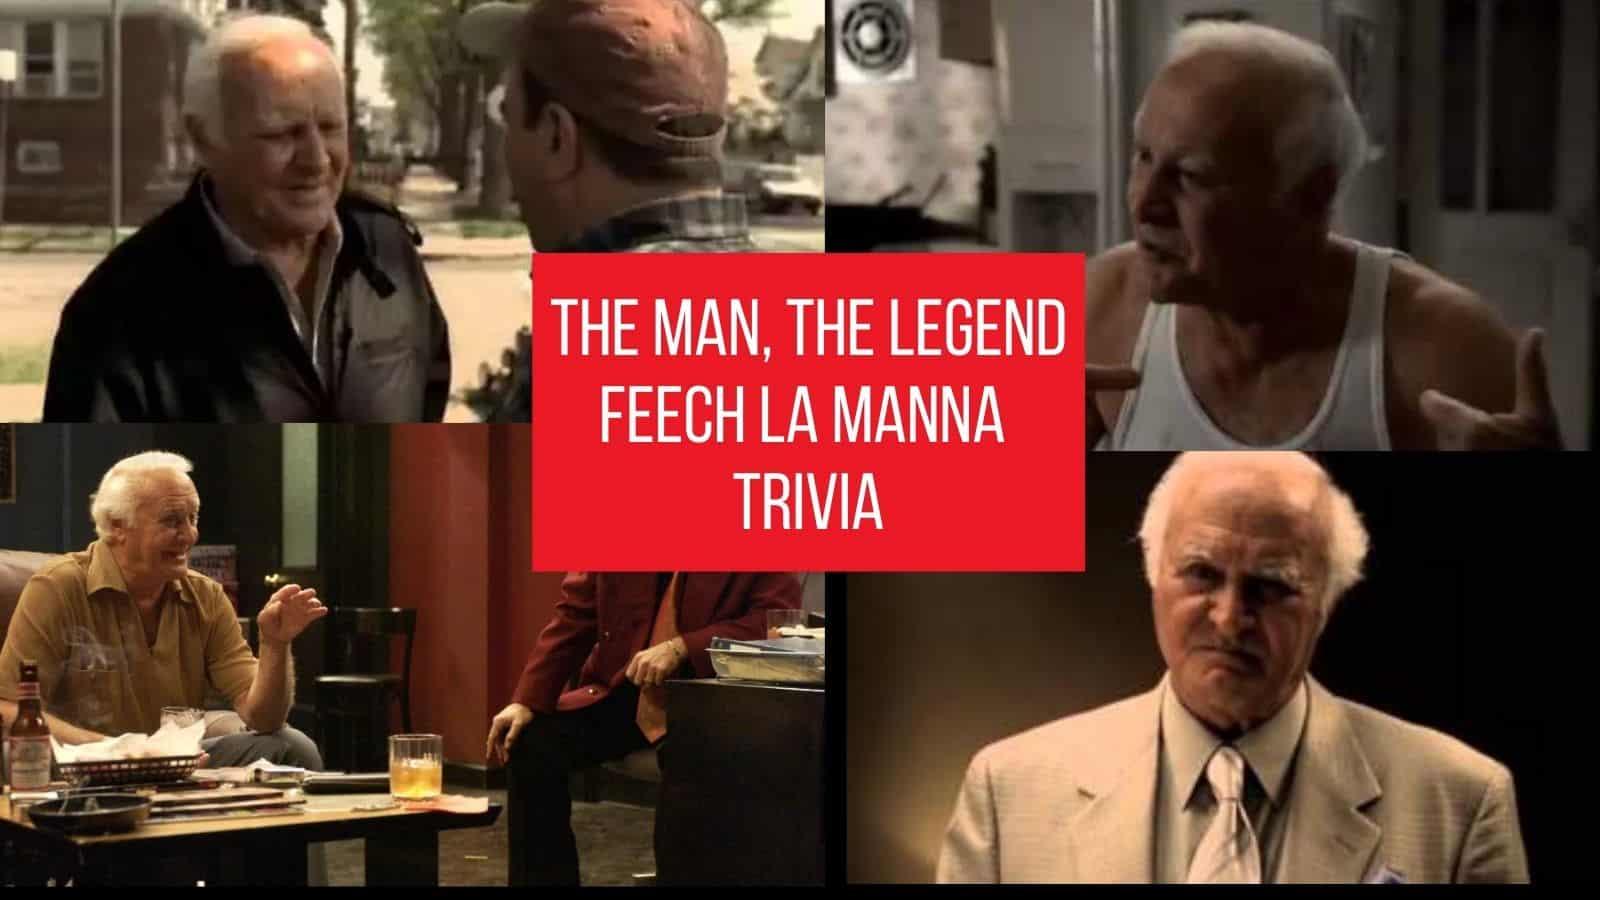 feech la manna trivia